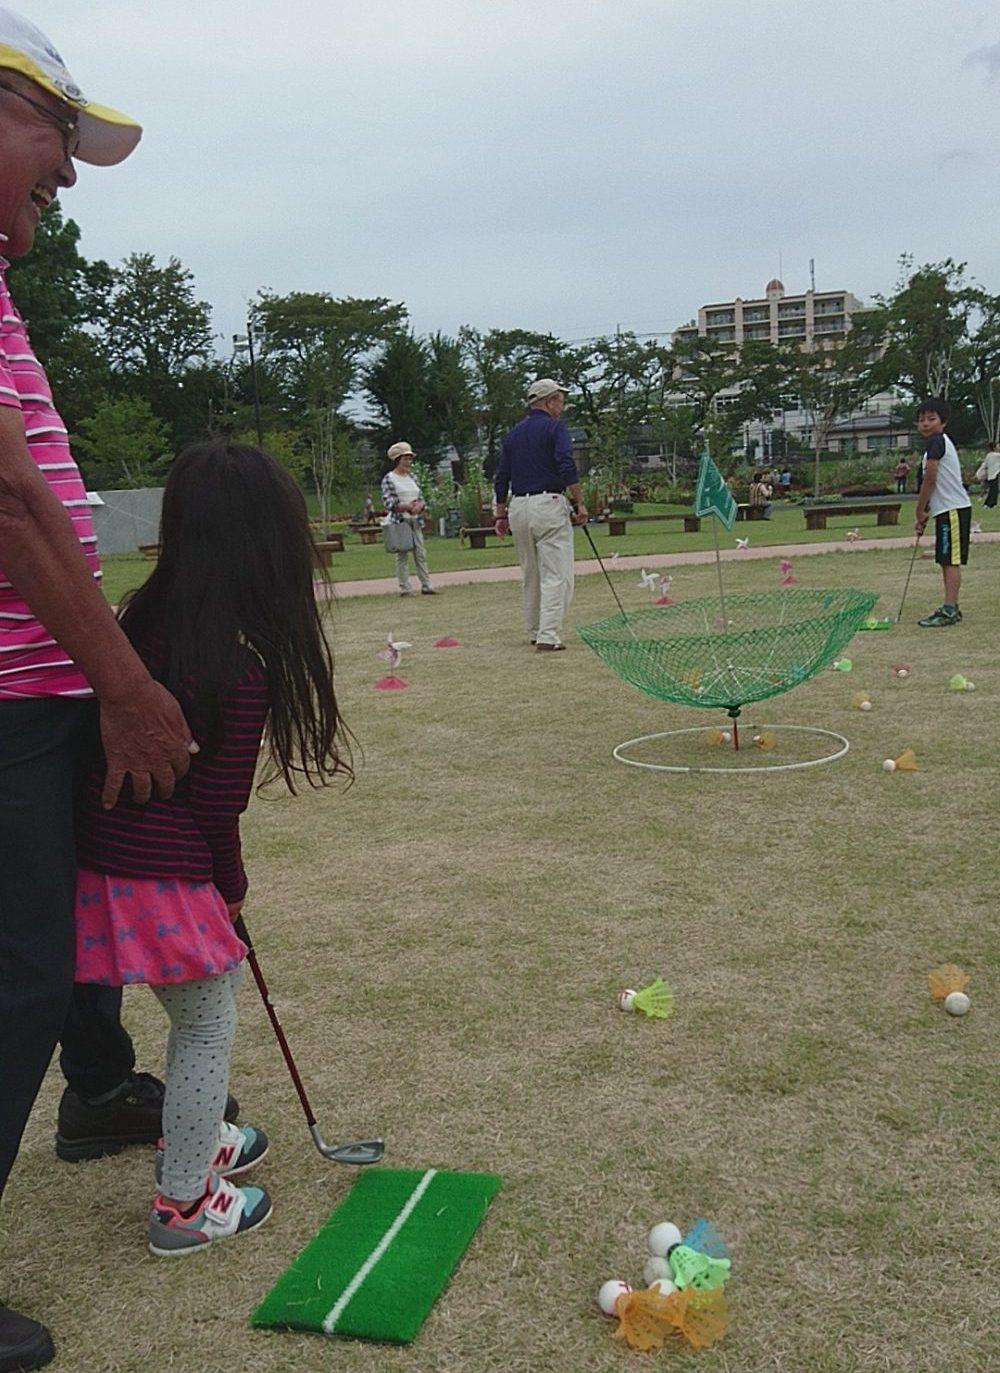 バードゴルフ全国都市緑化はちおうじフェアー